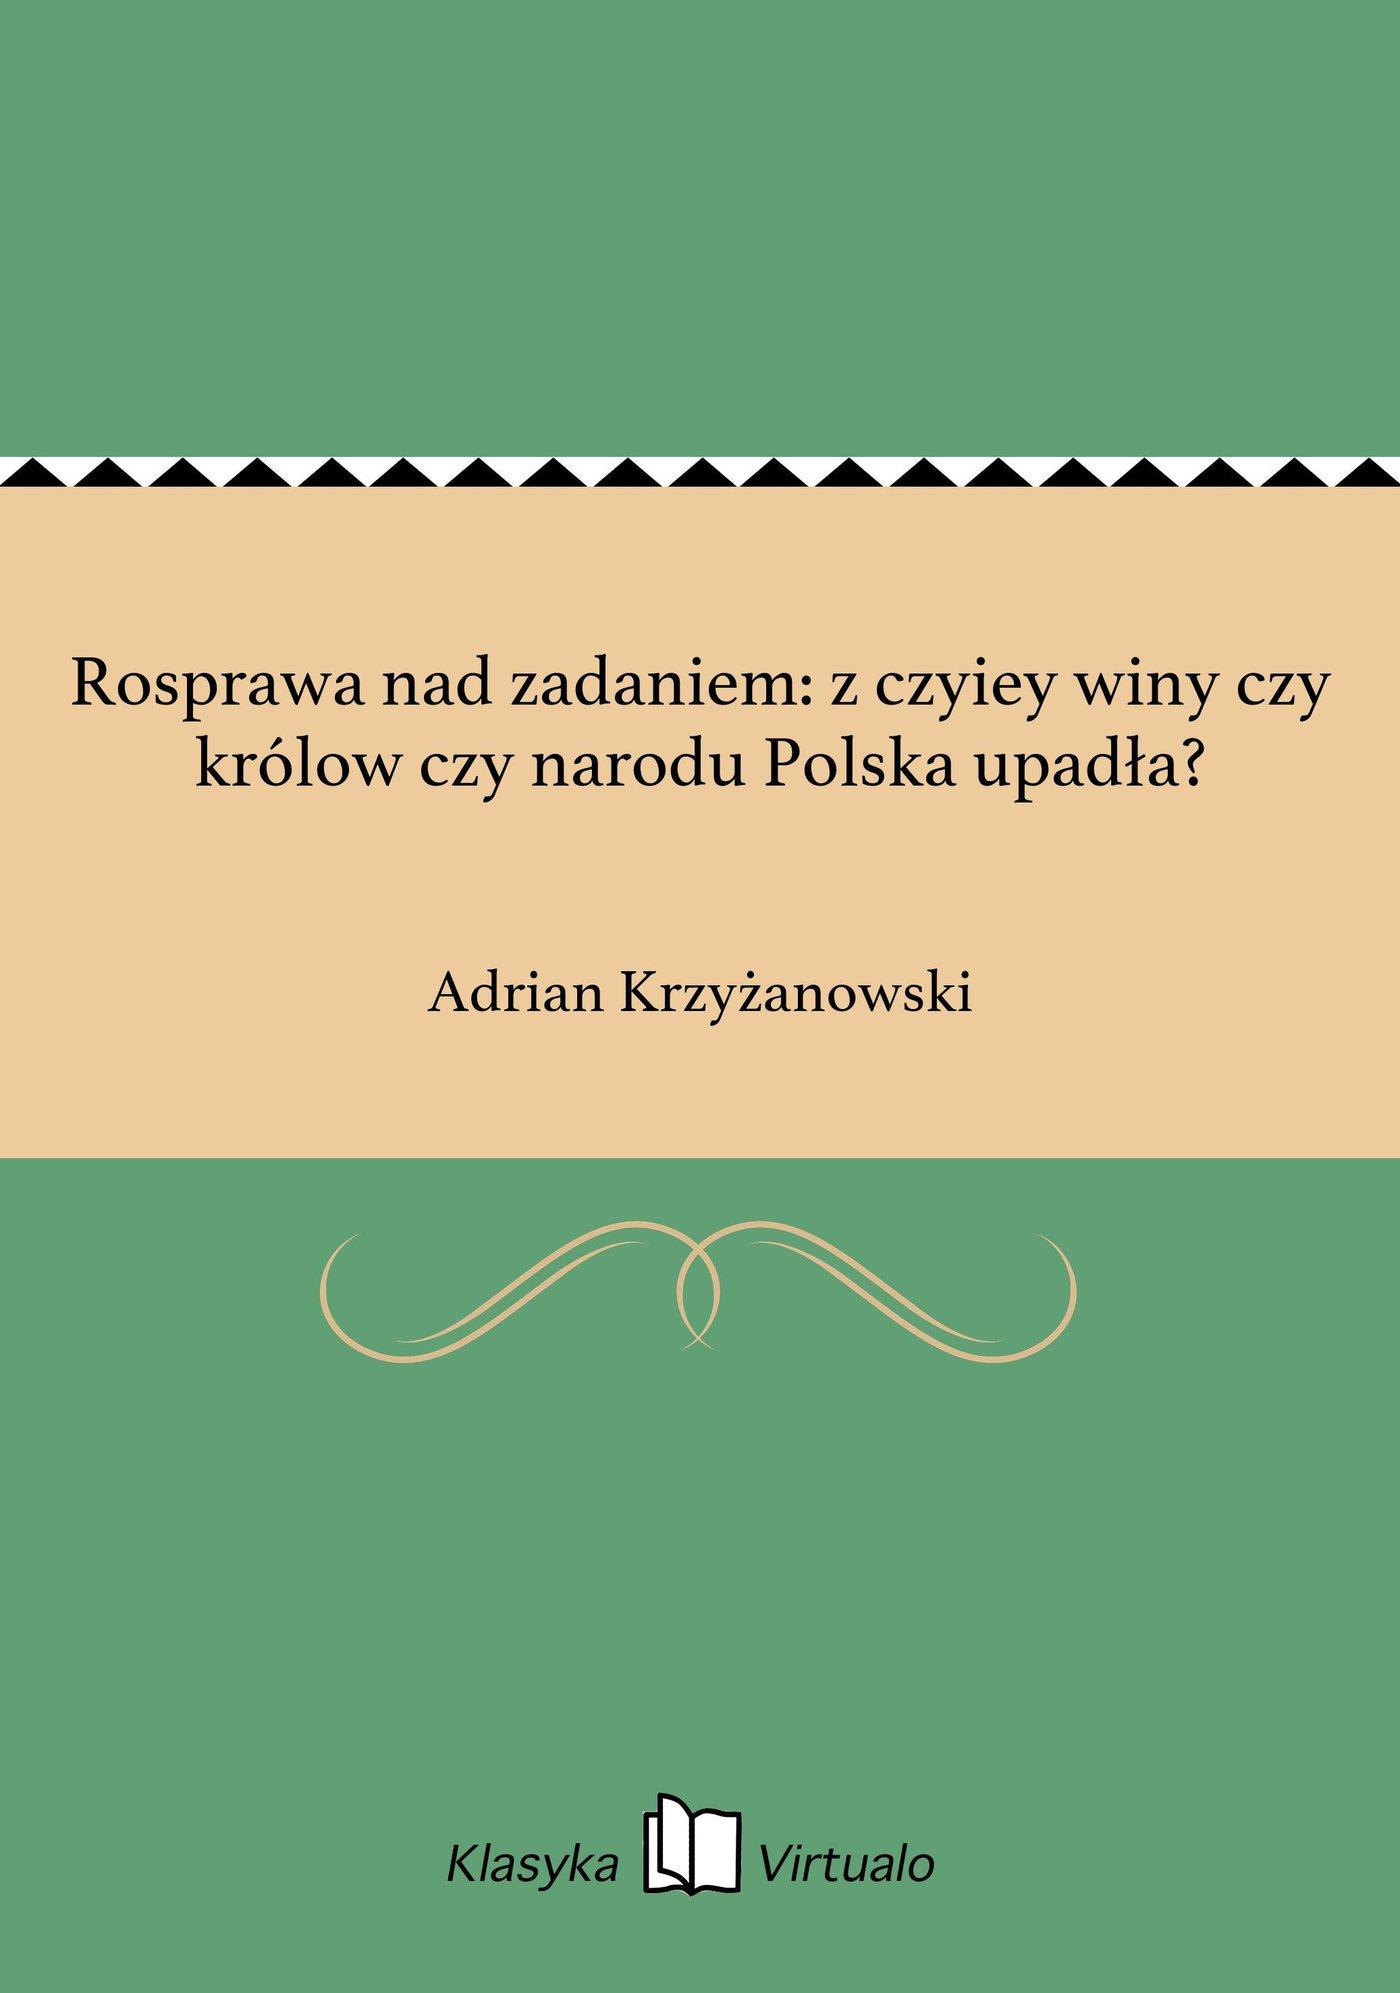 Rosprawa nad zadaniem: z czyiey winy czy królow czy narodu Polska upadła? - Ebook (Książka EPUB) do pobrania w formacie EPUB